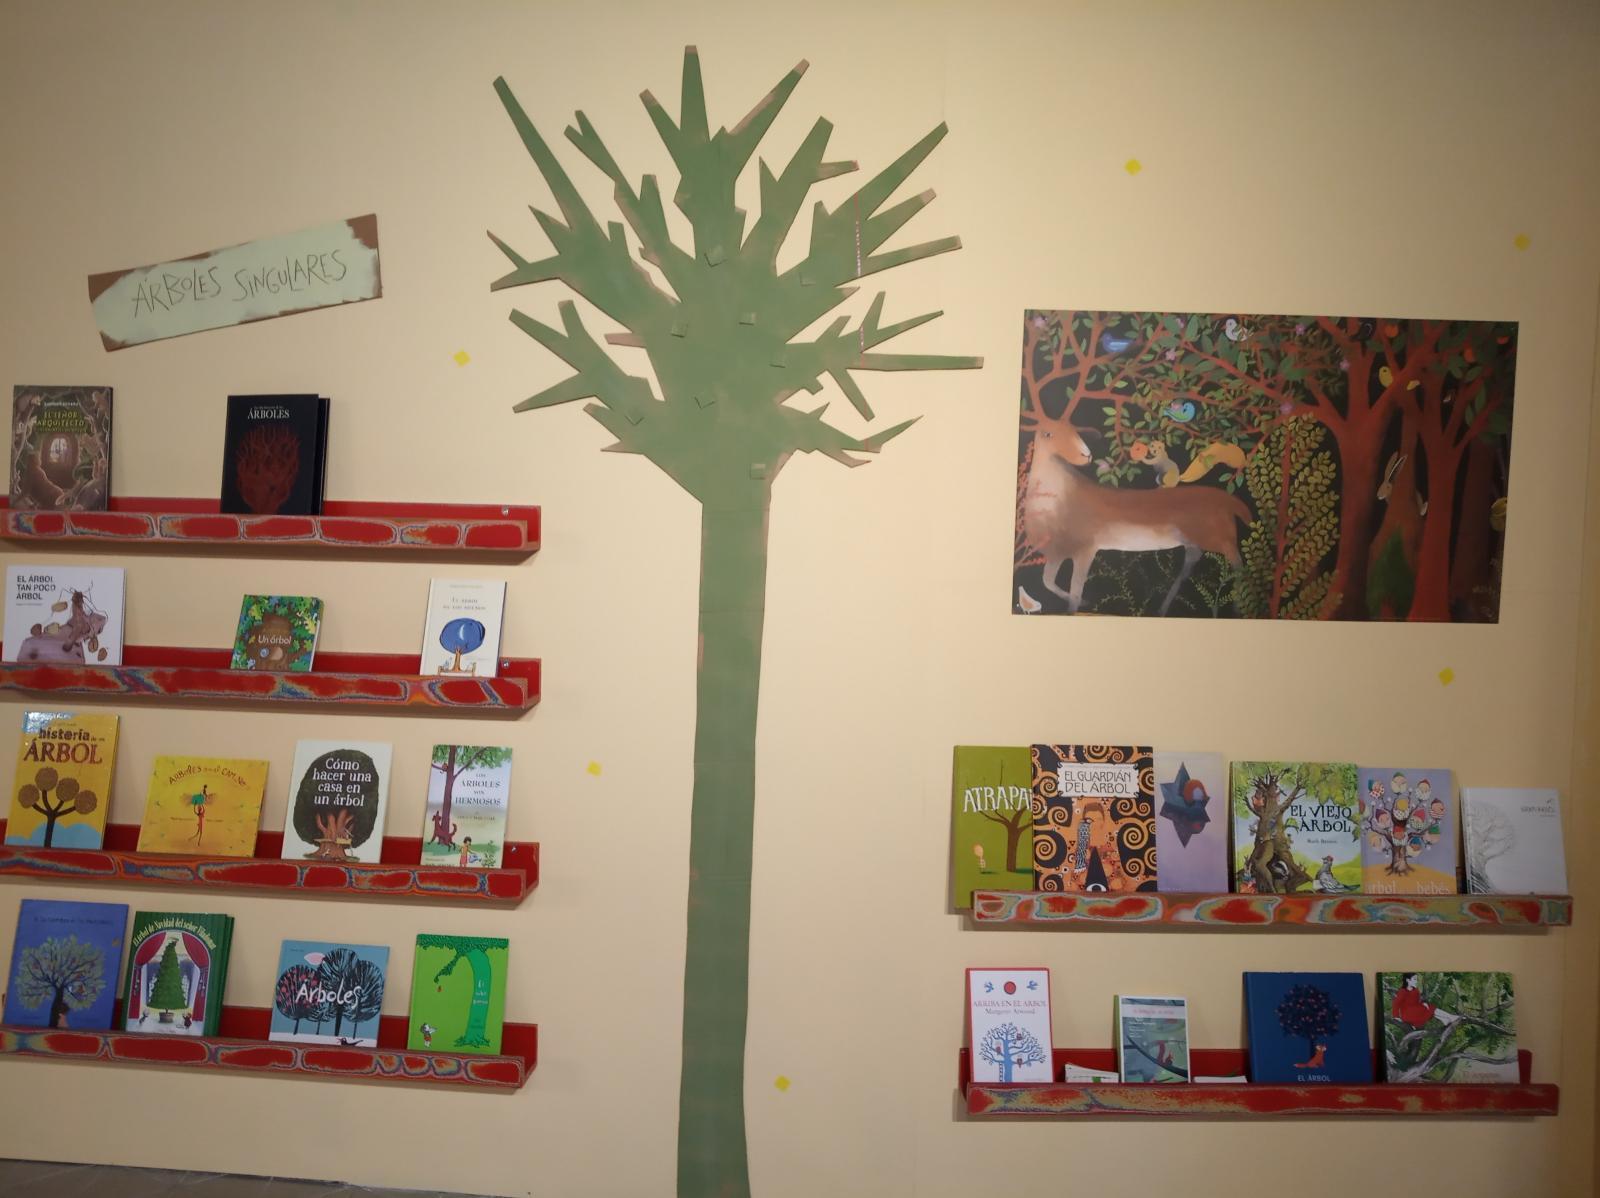 Bosque de Libros, Libros de Bosque